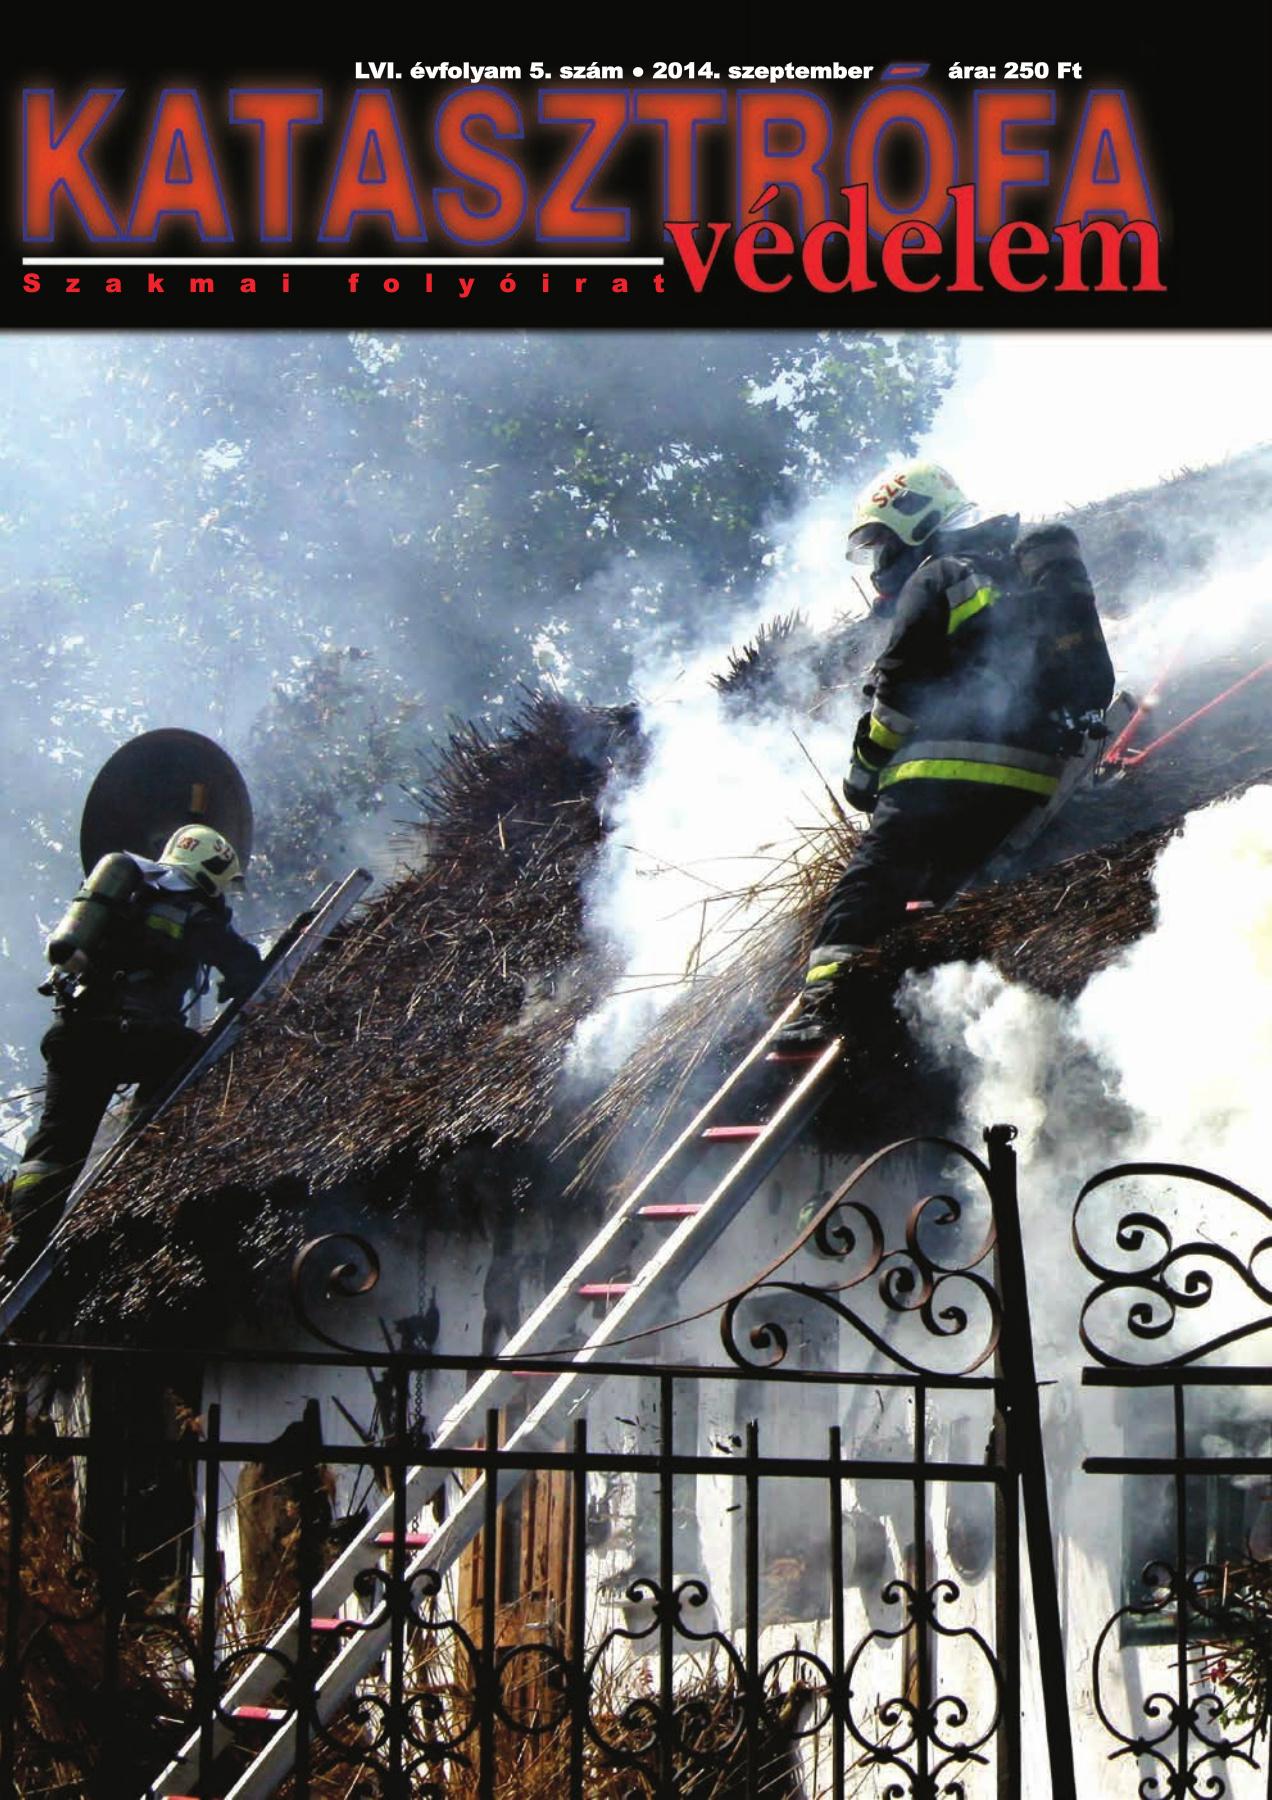 A Katasztrófavédelem magazin LVI. évfolyam 9. szám megtekintése